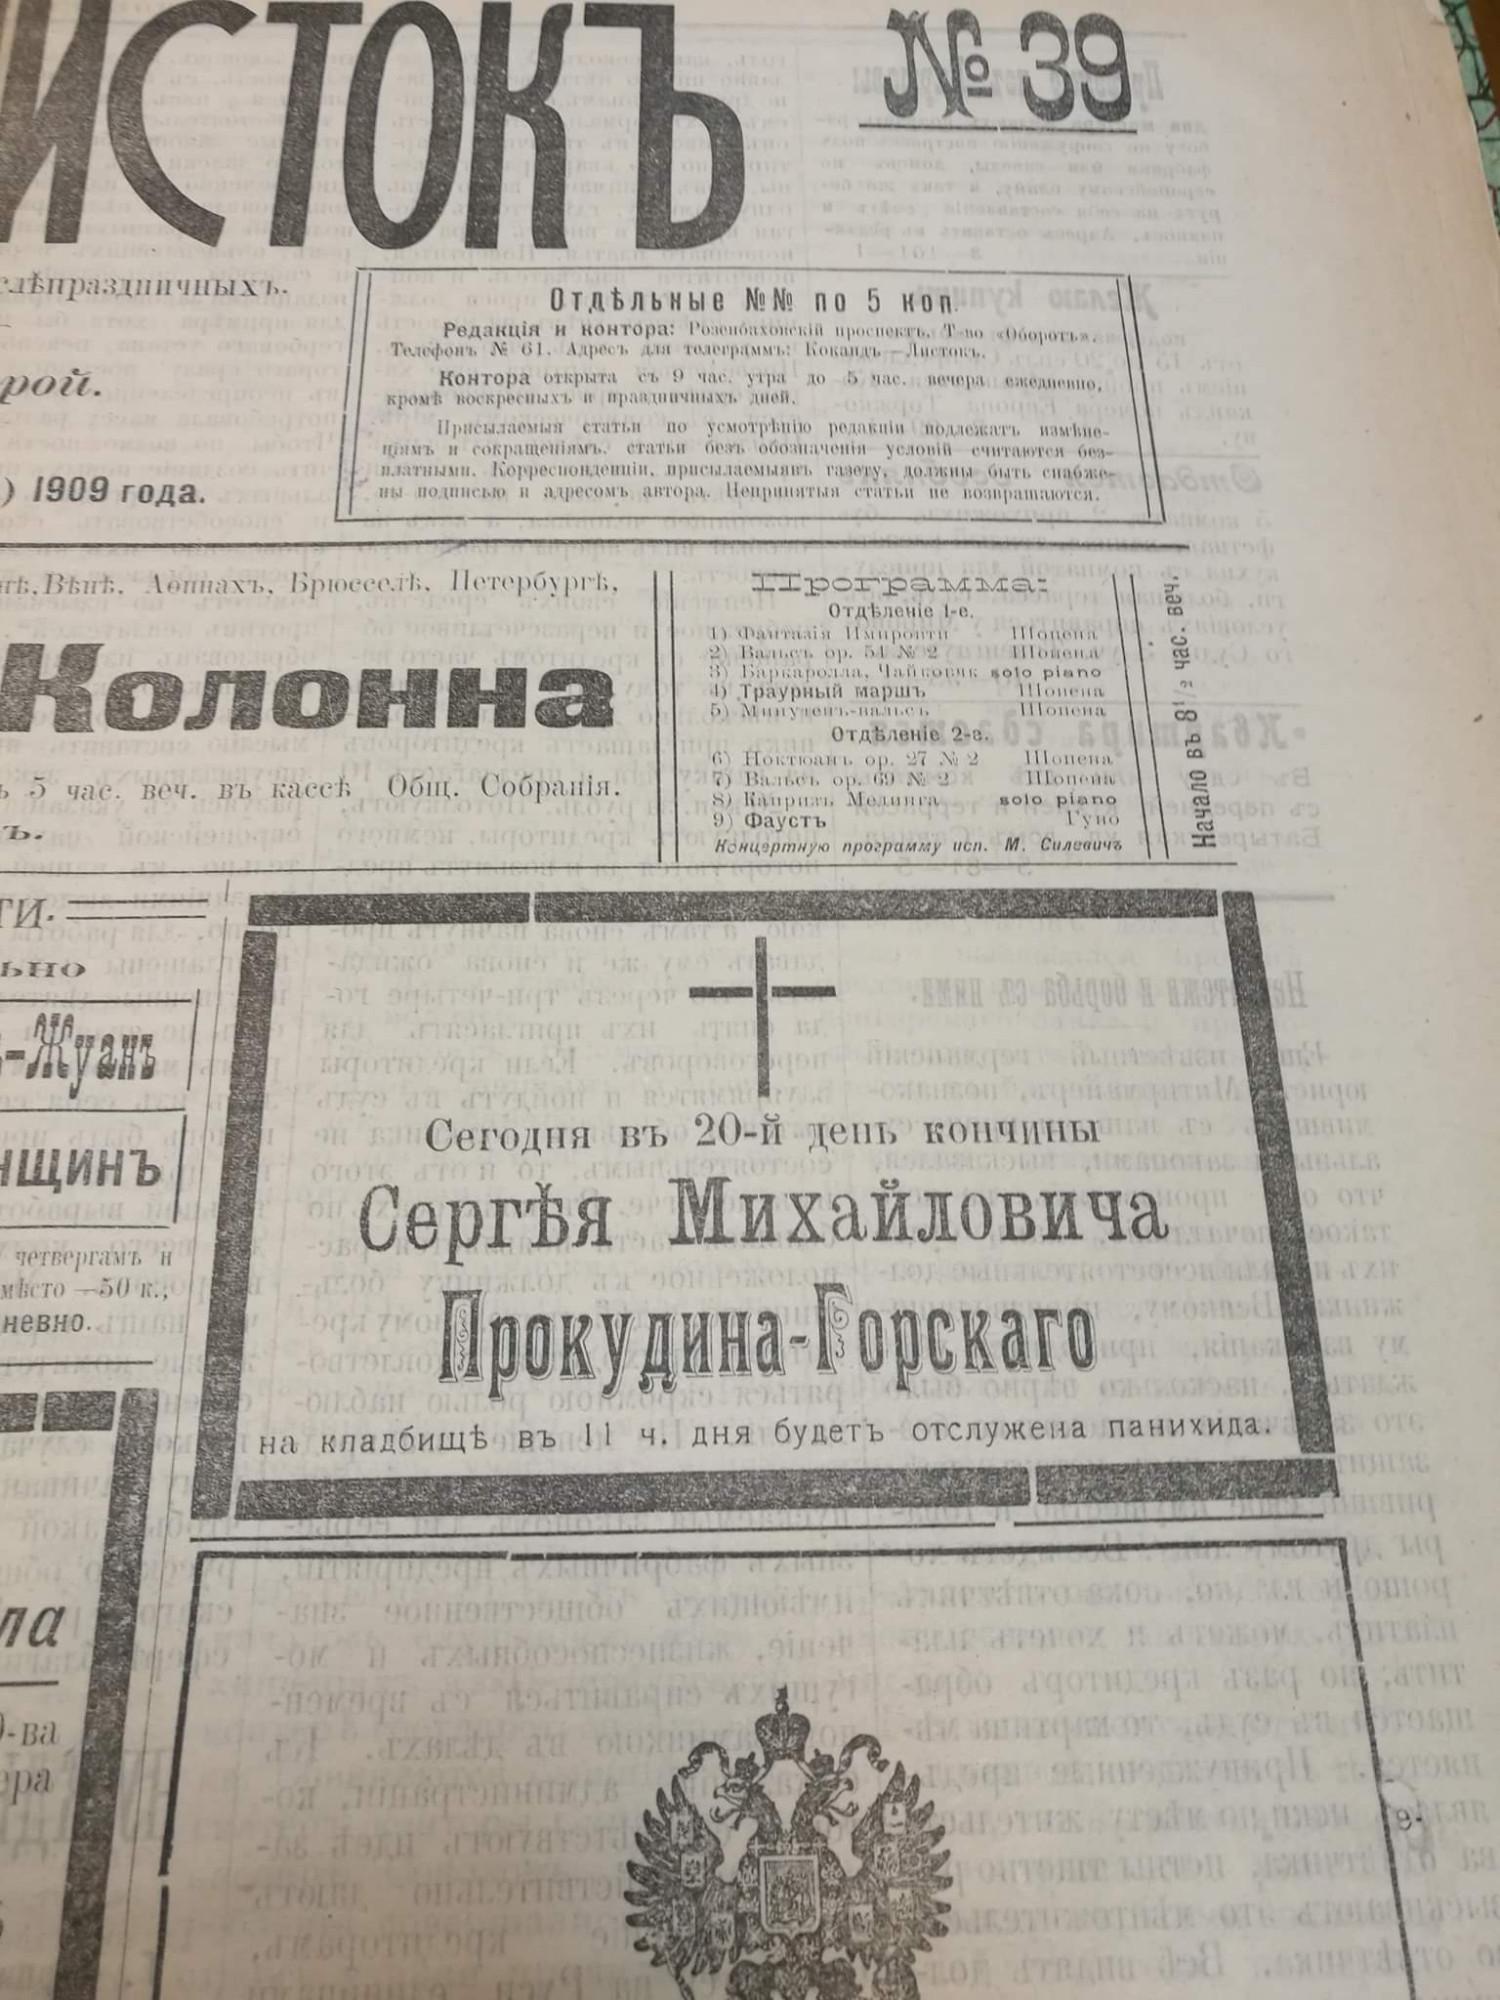 1909 кончина С.М.Прокудина-Горского